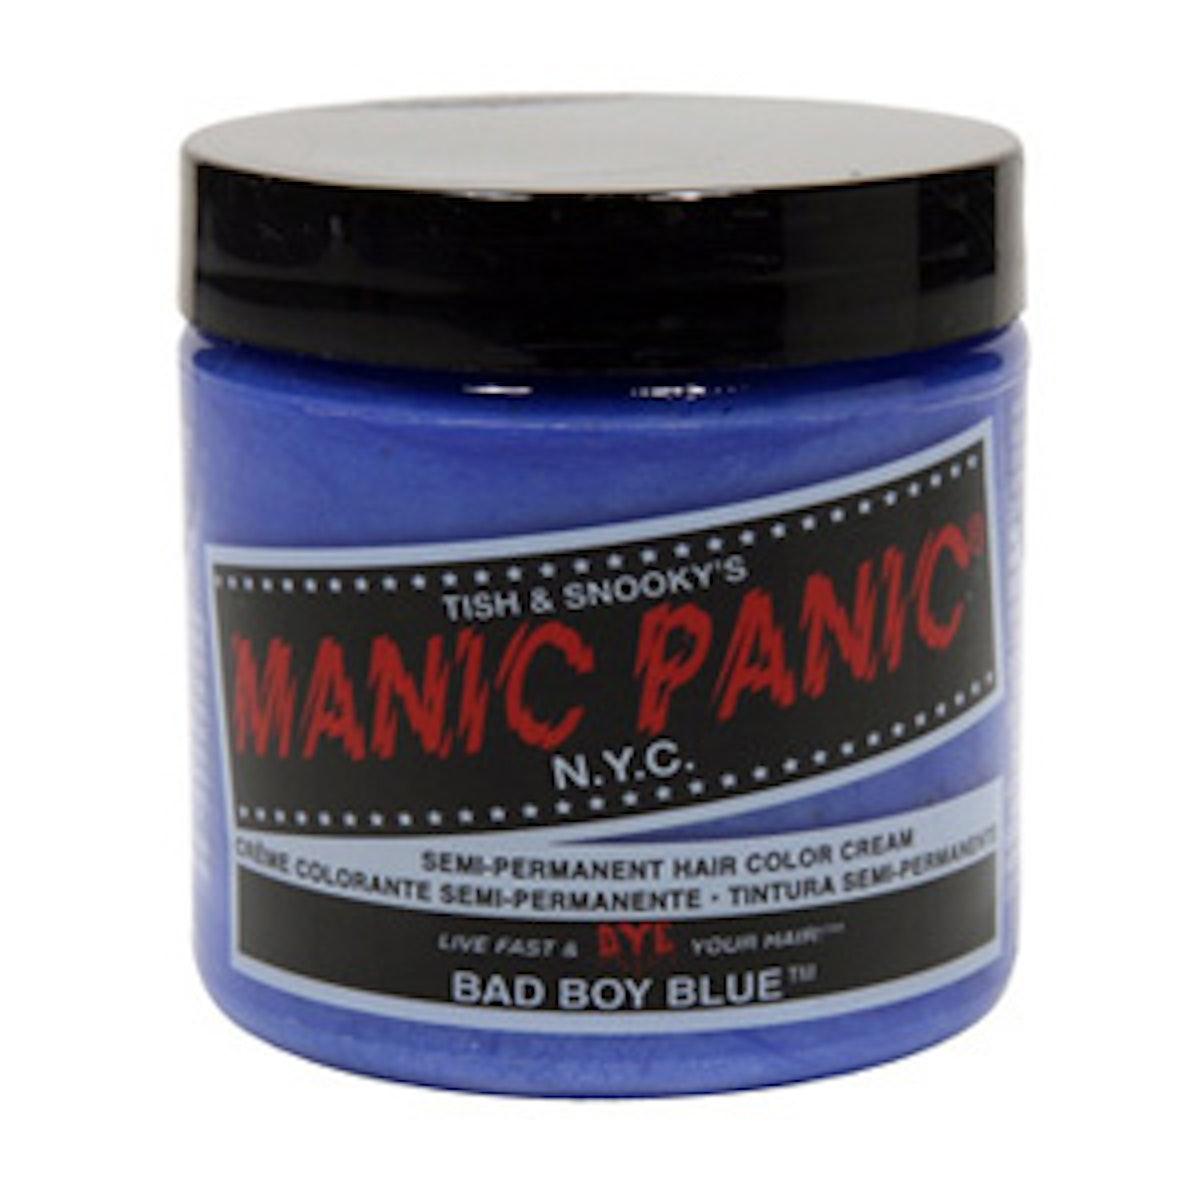 Bad Boy Blue Hair Dye